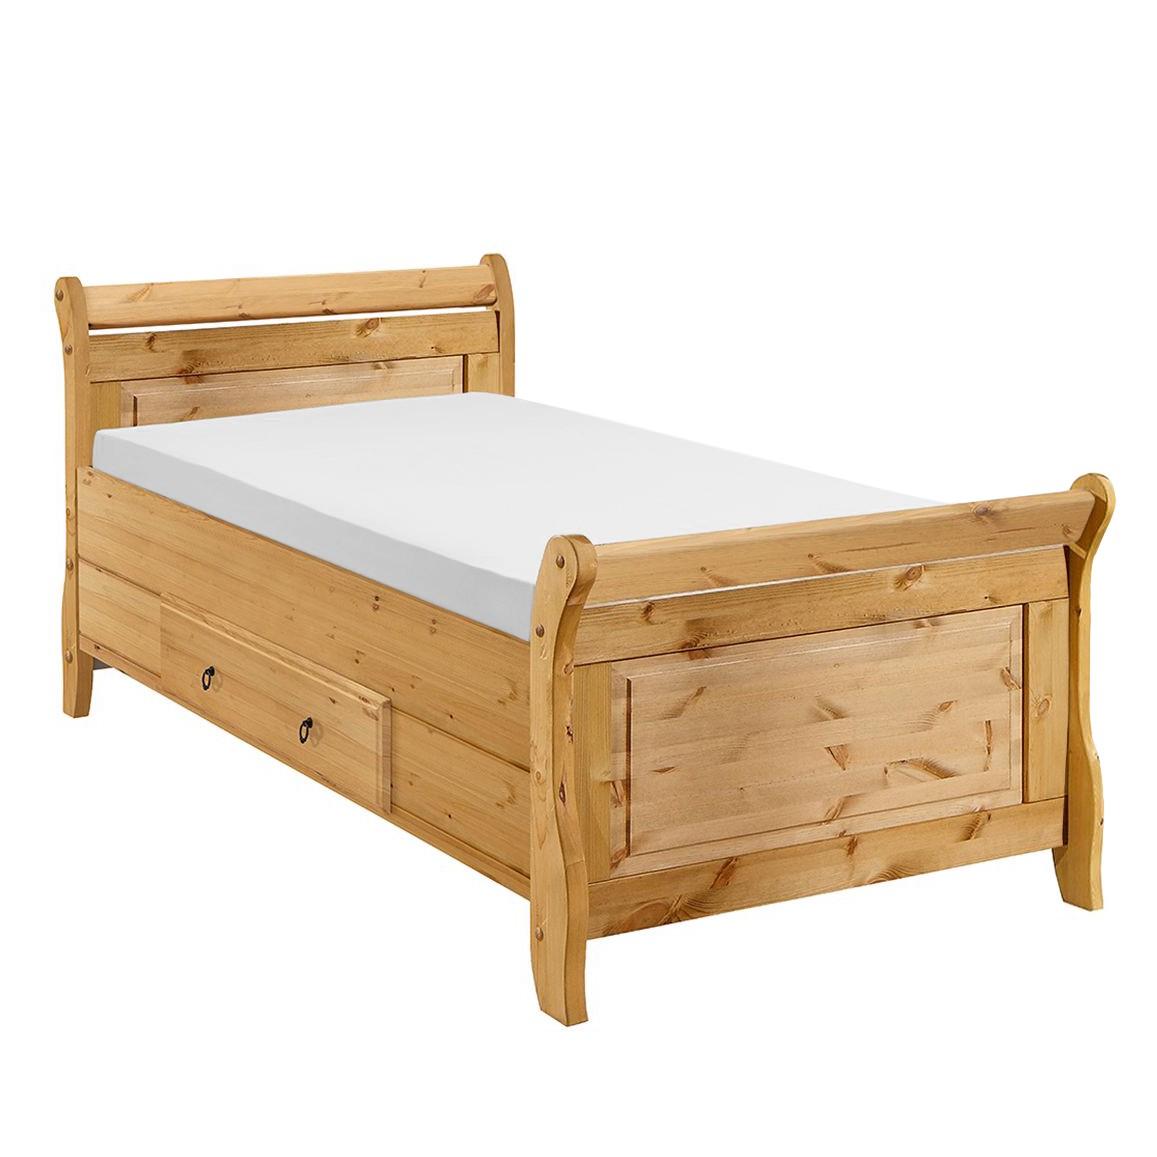 home24 Massivholzbett Cenan | Schlafzimmer > Betten > Massivholzbetten | Braun | Massivholz | Maison Belfort